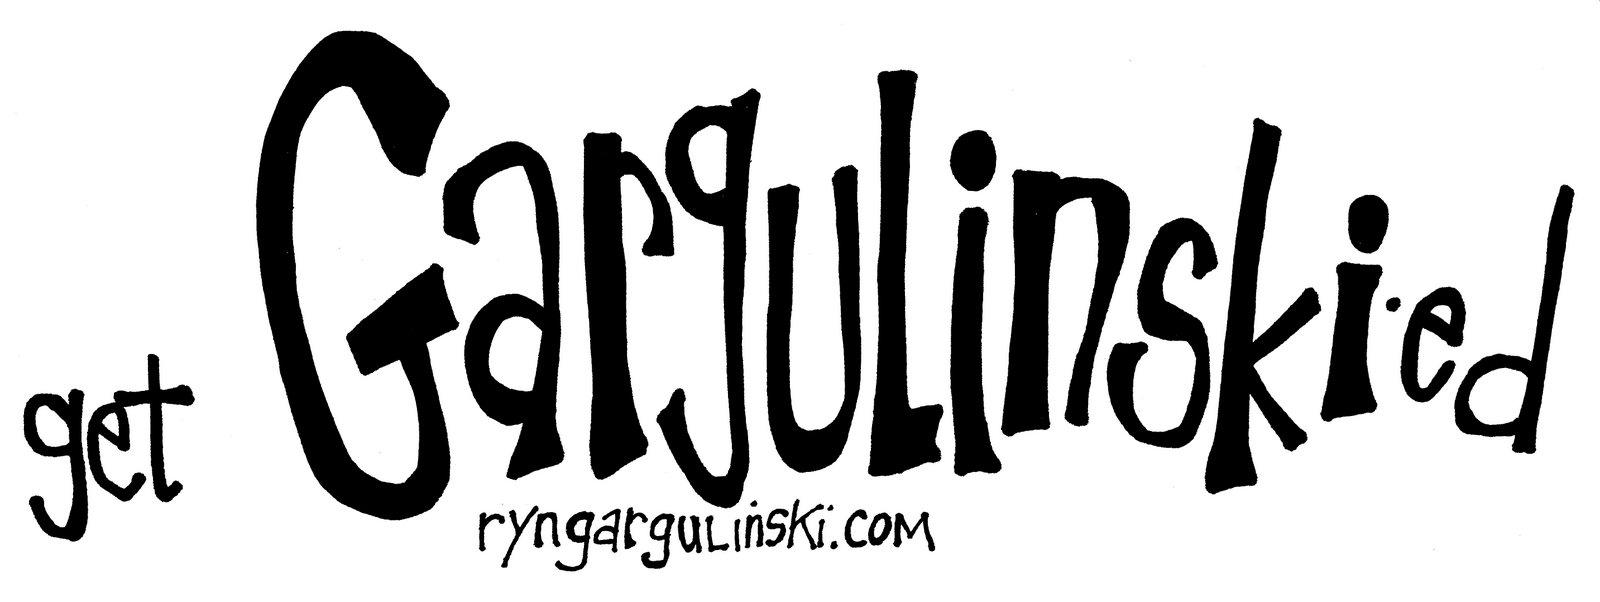 Get Gargulinski-ed!